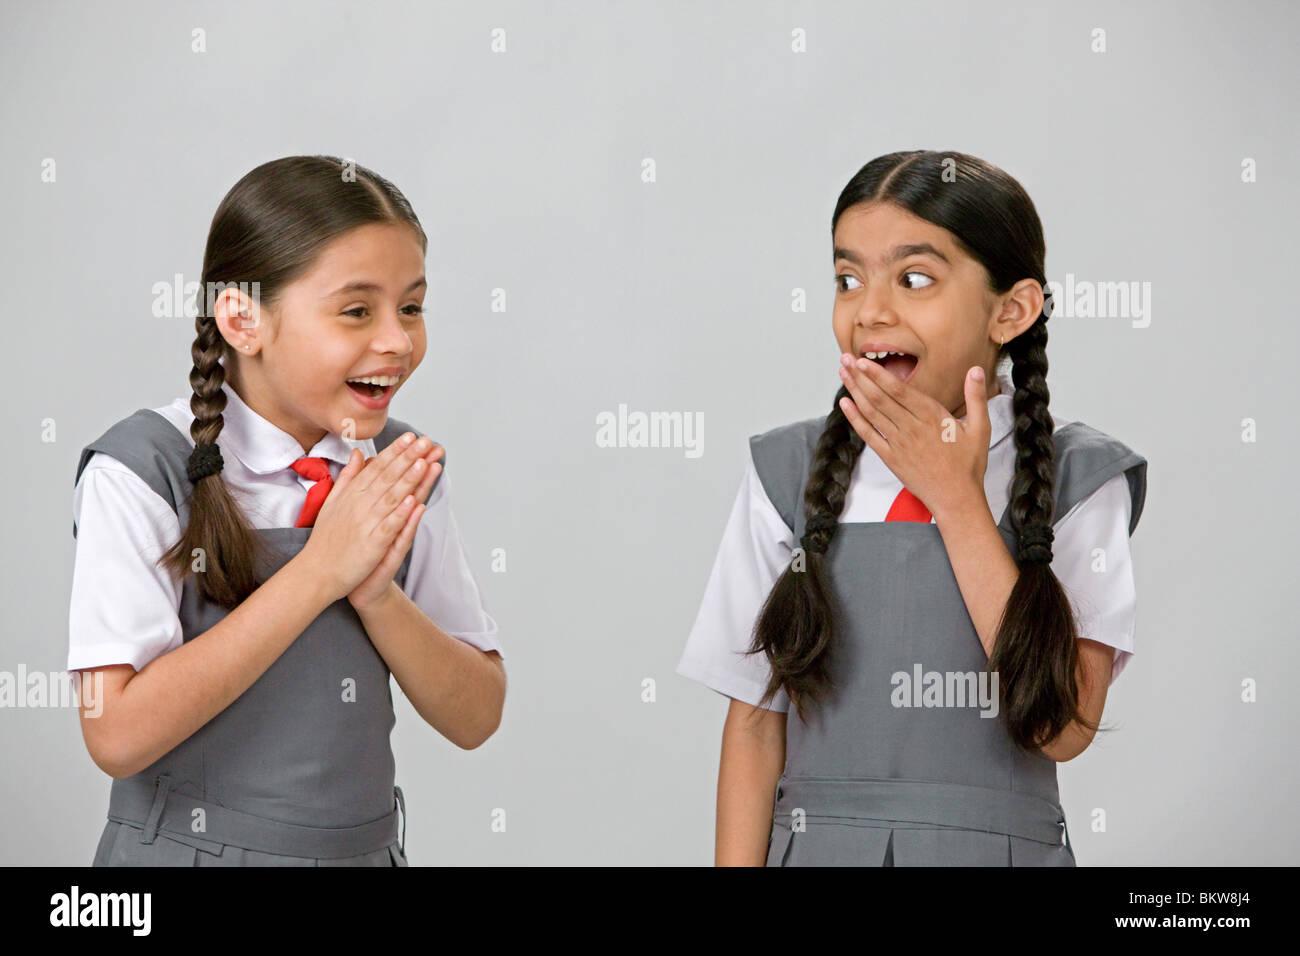 Zwei Rollige College-Girls